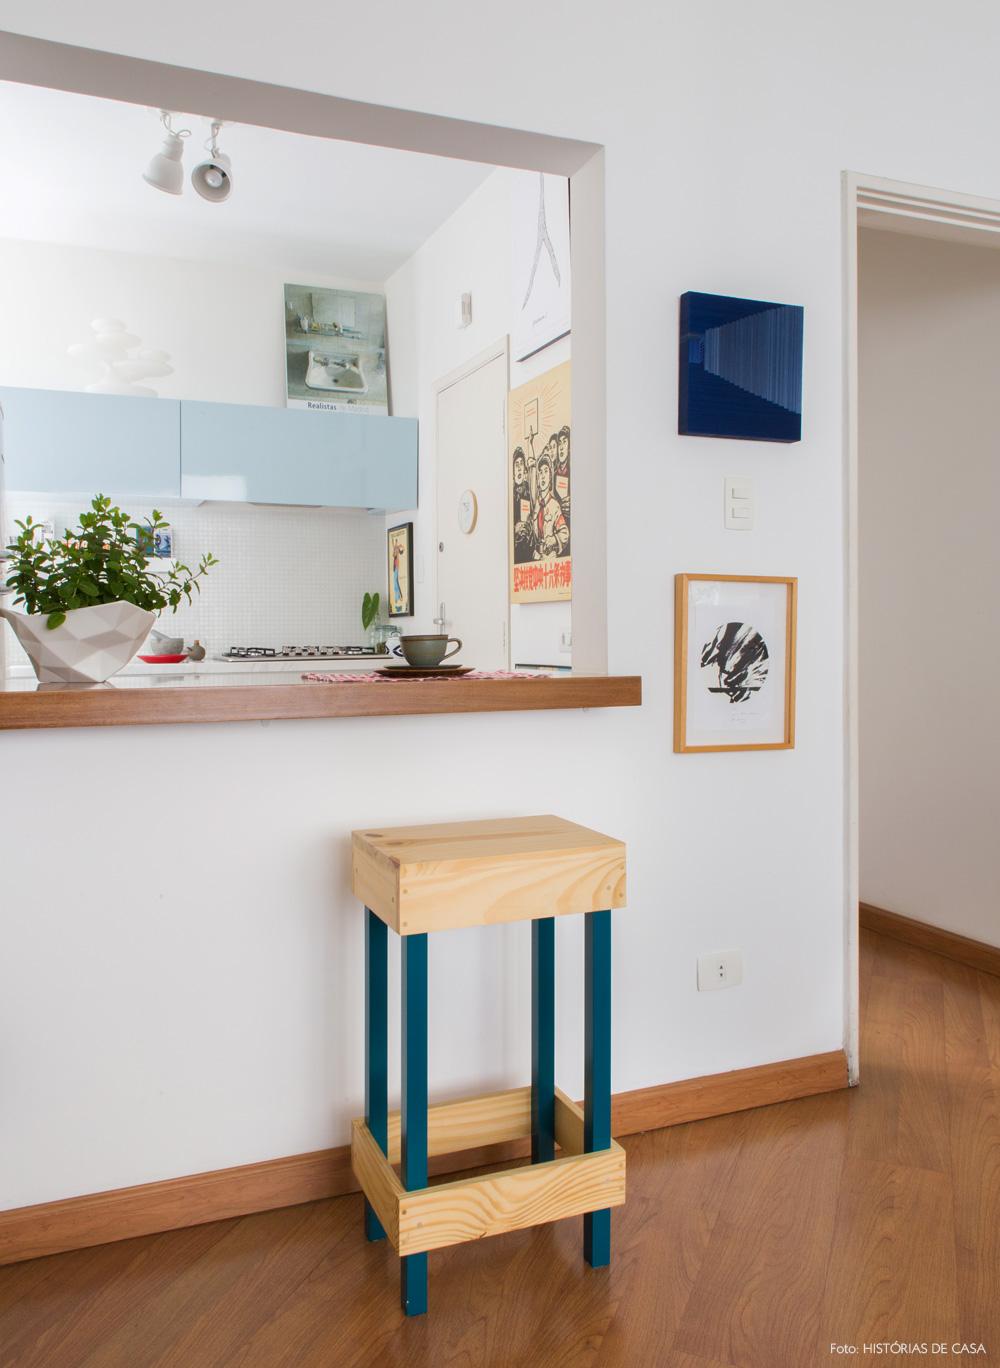 14-decoracao-sala-com-abertura-cozinha-passa-prato